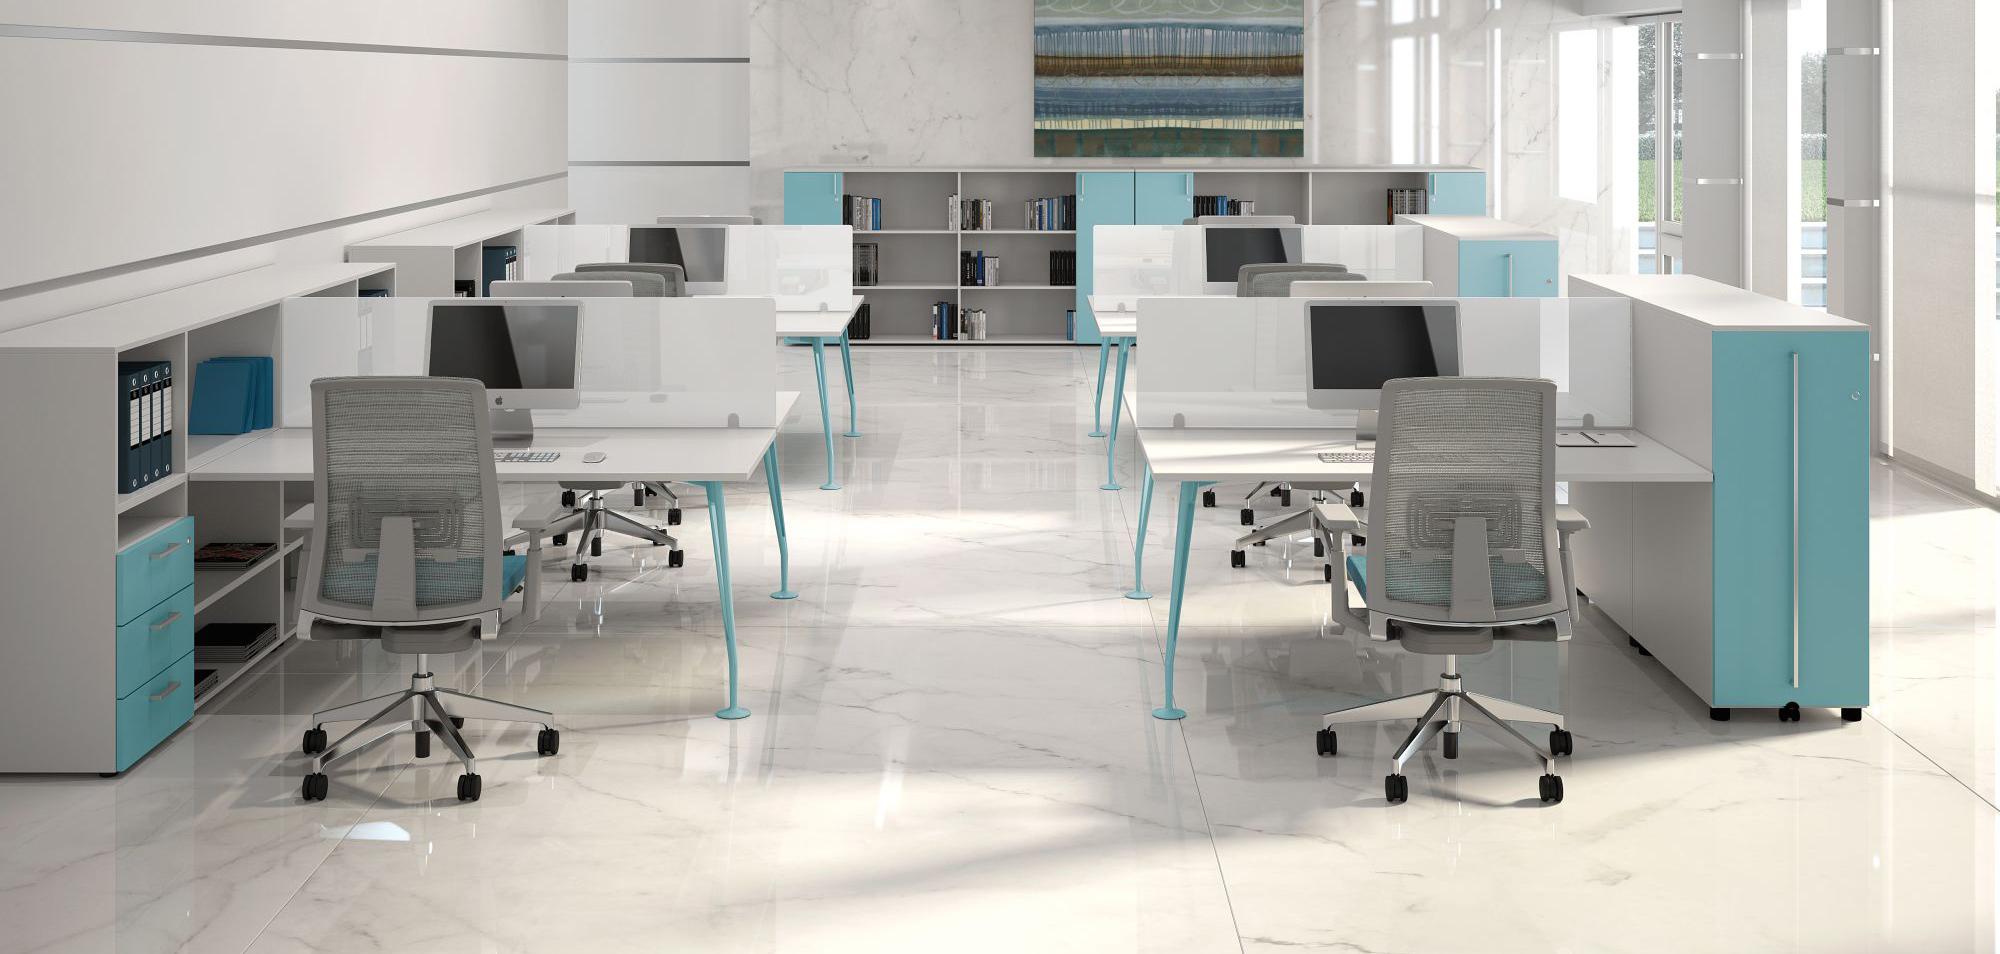 La scrivania protagonista indiscussa dell 39 arredo ufficio for Scrivania arredo